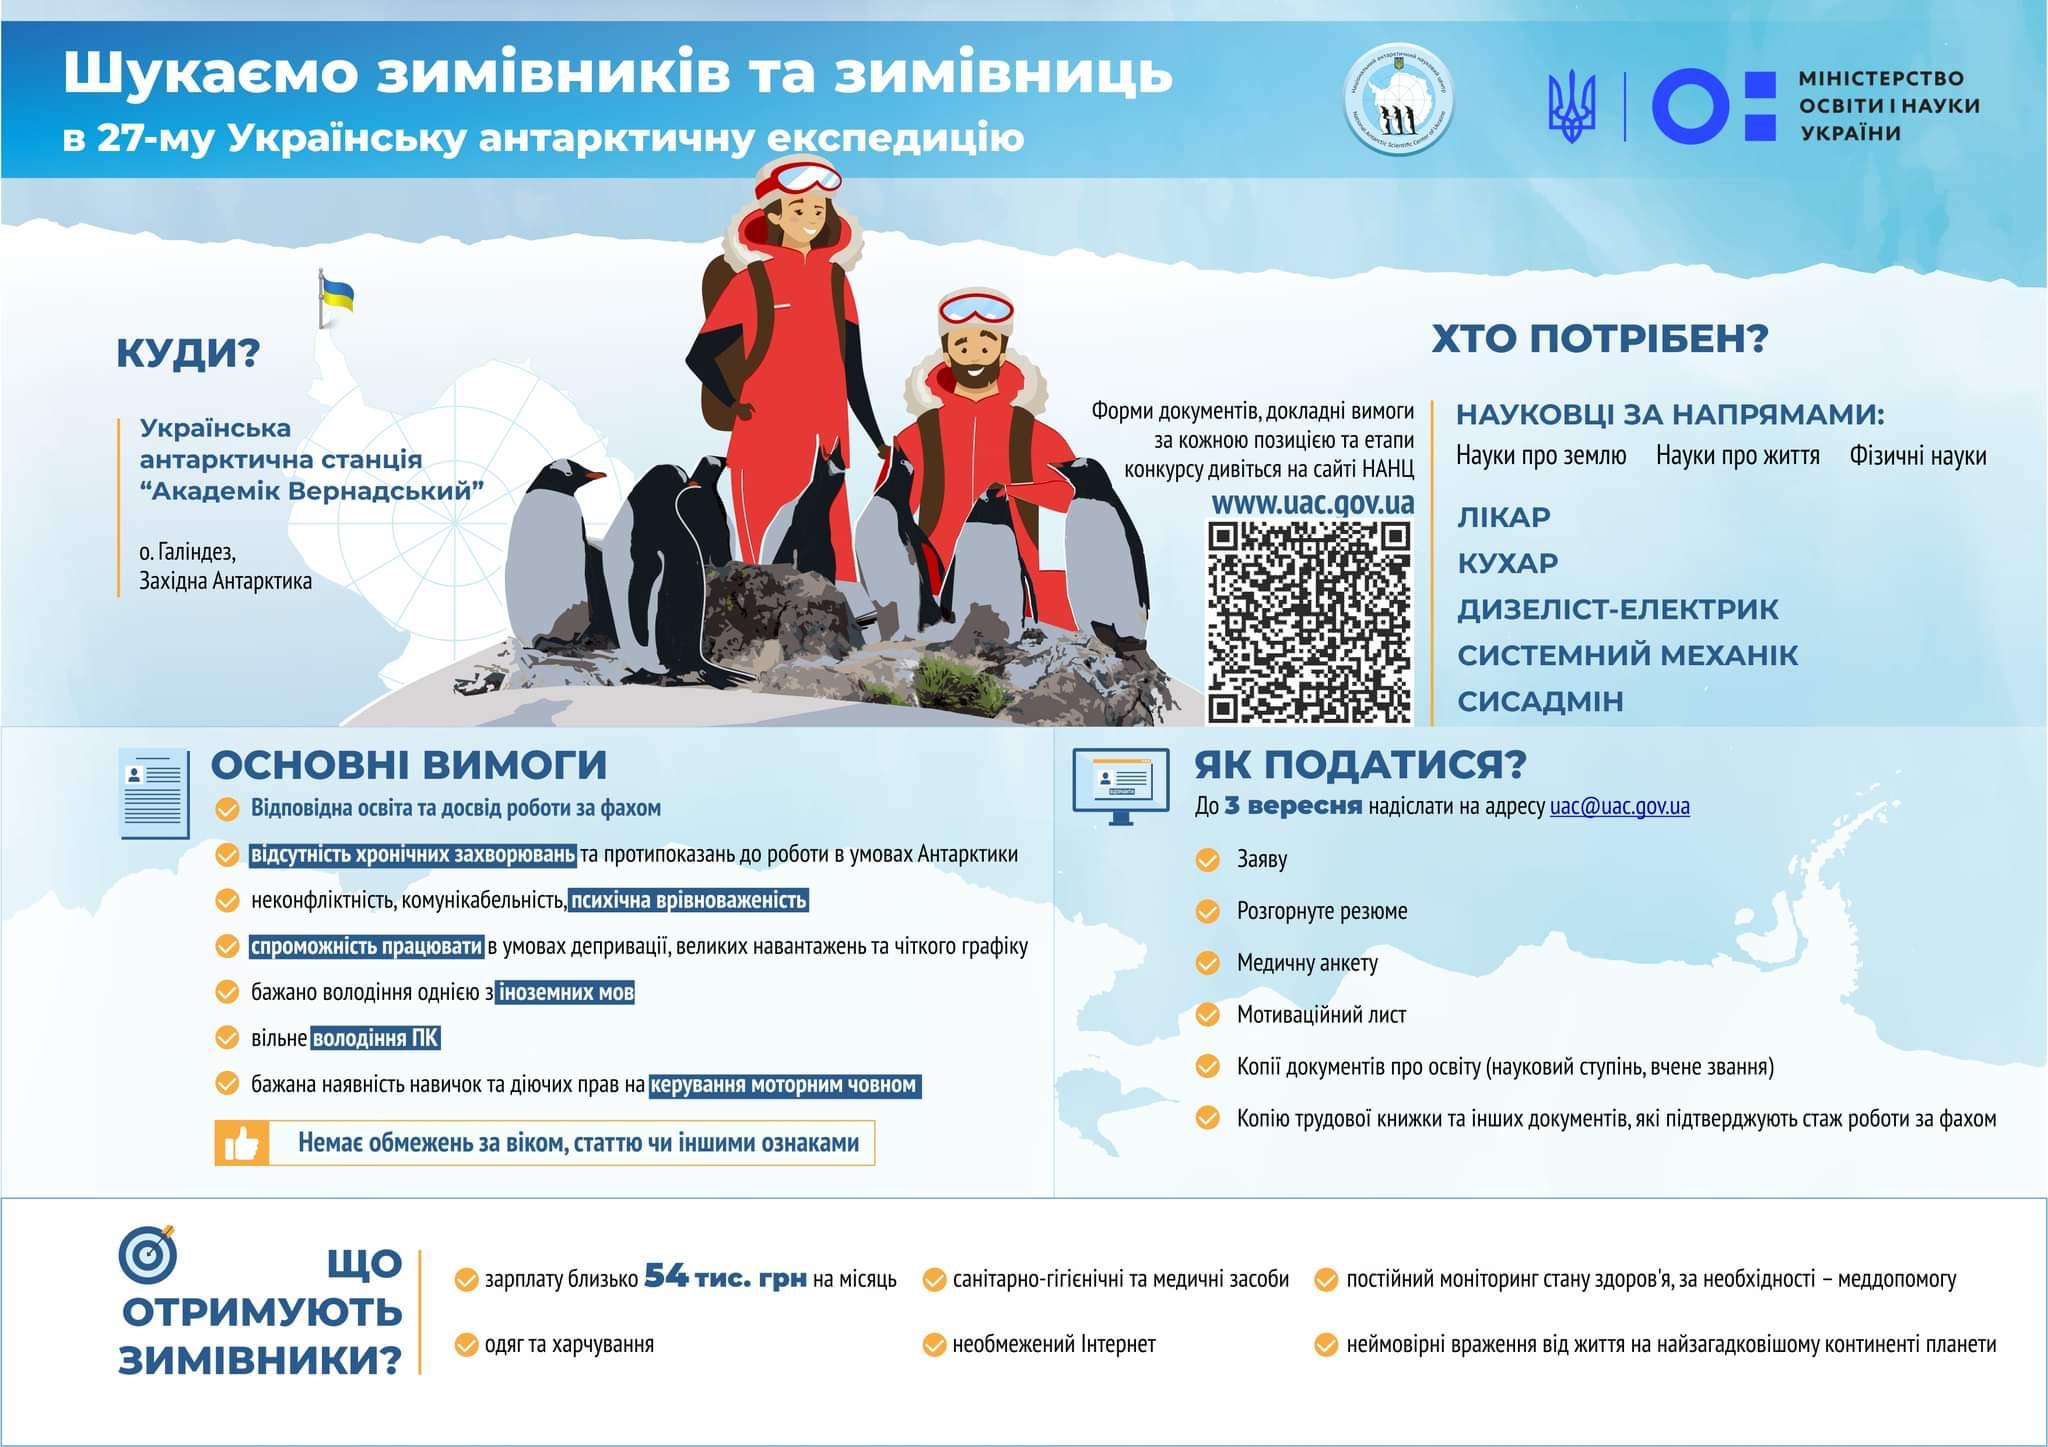 Харьковчанам предлагают работу в Антарктиде